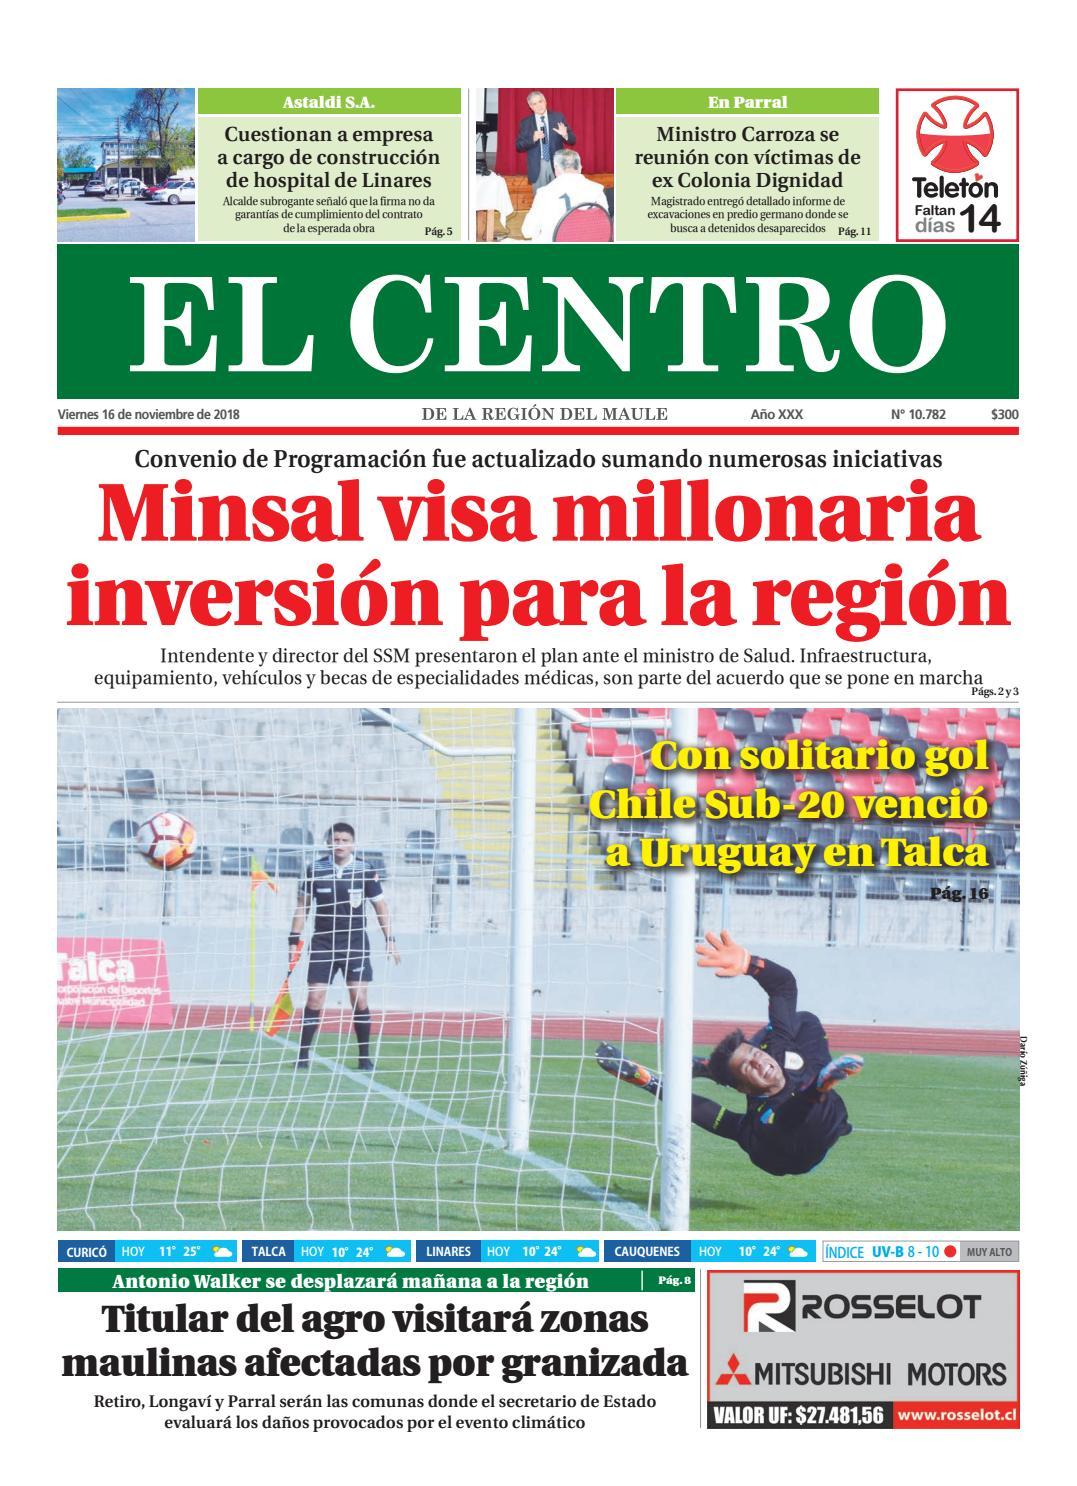 Diario 16 11 2018 by Diario El Centro S.A issuu